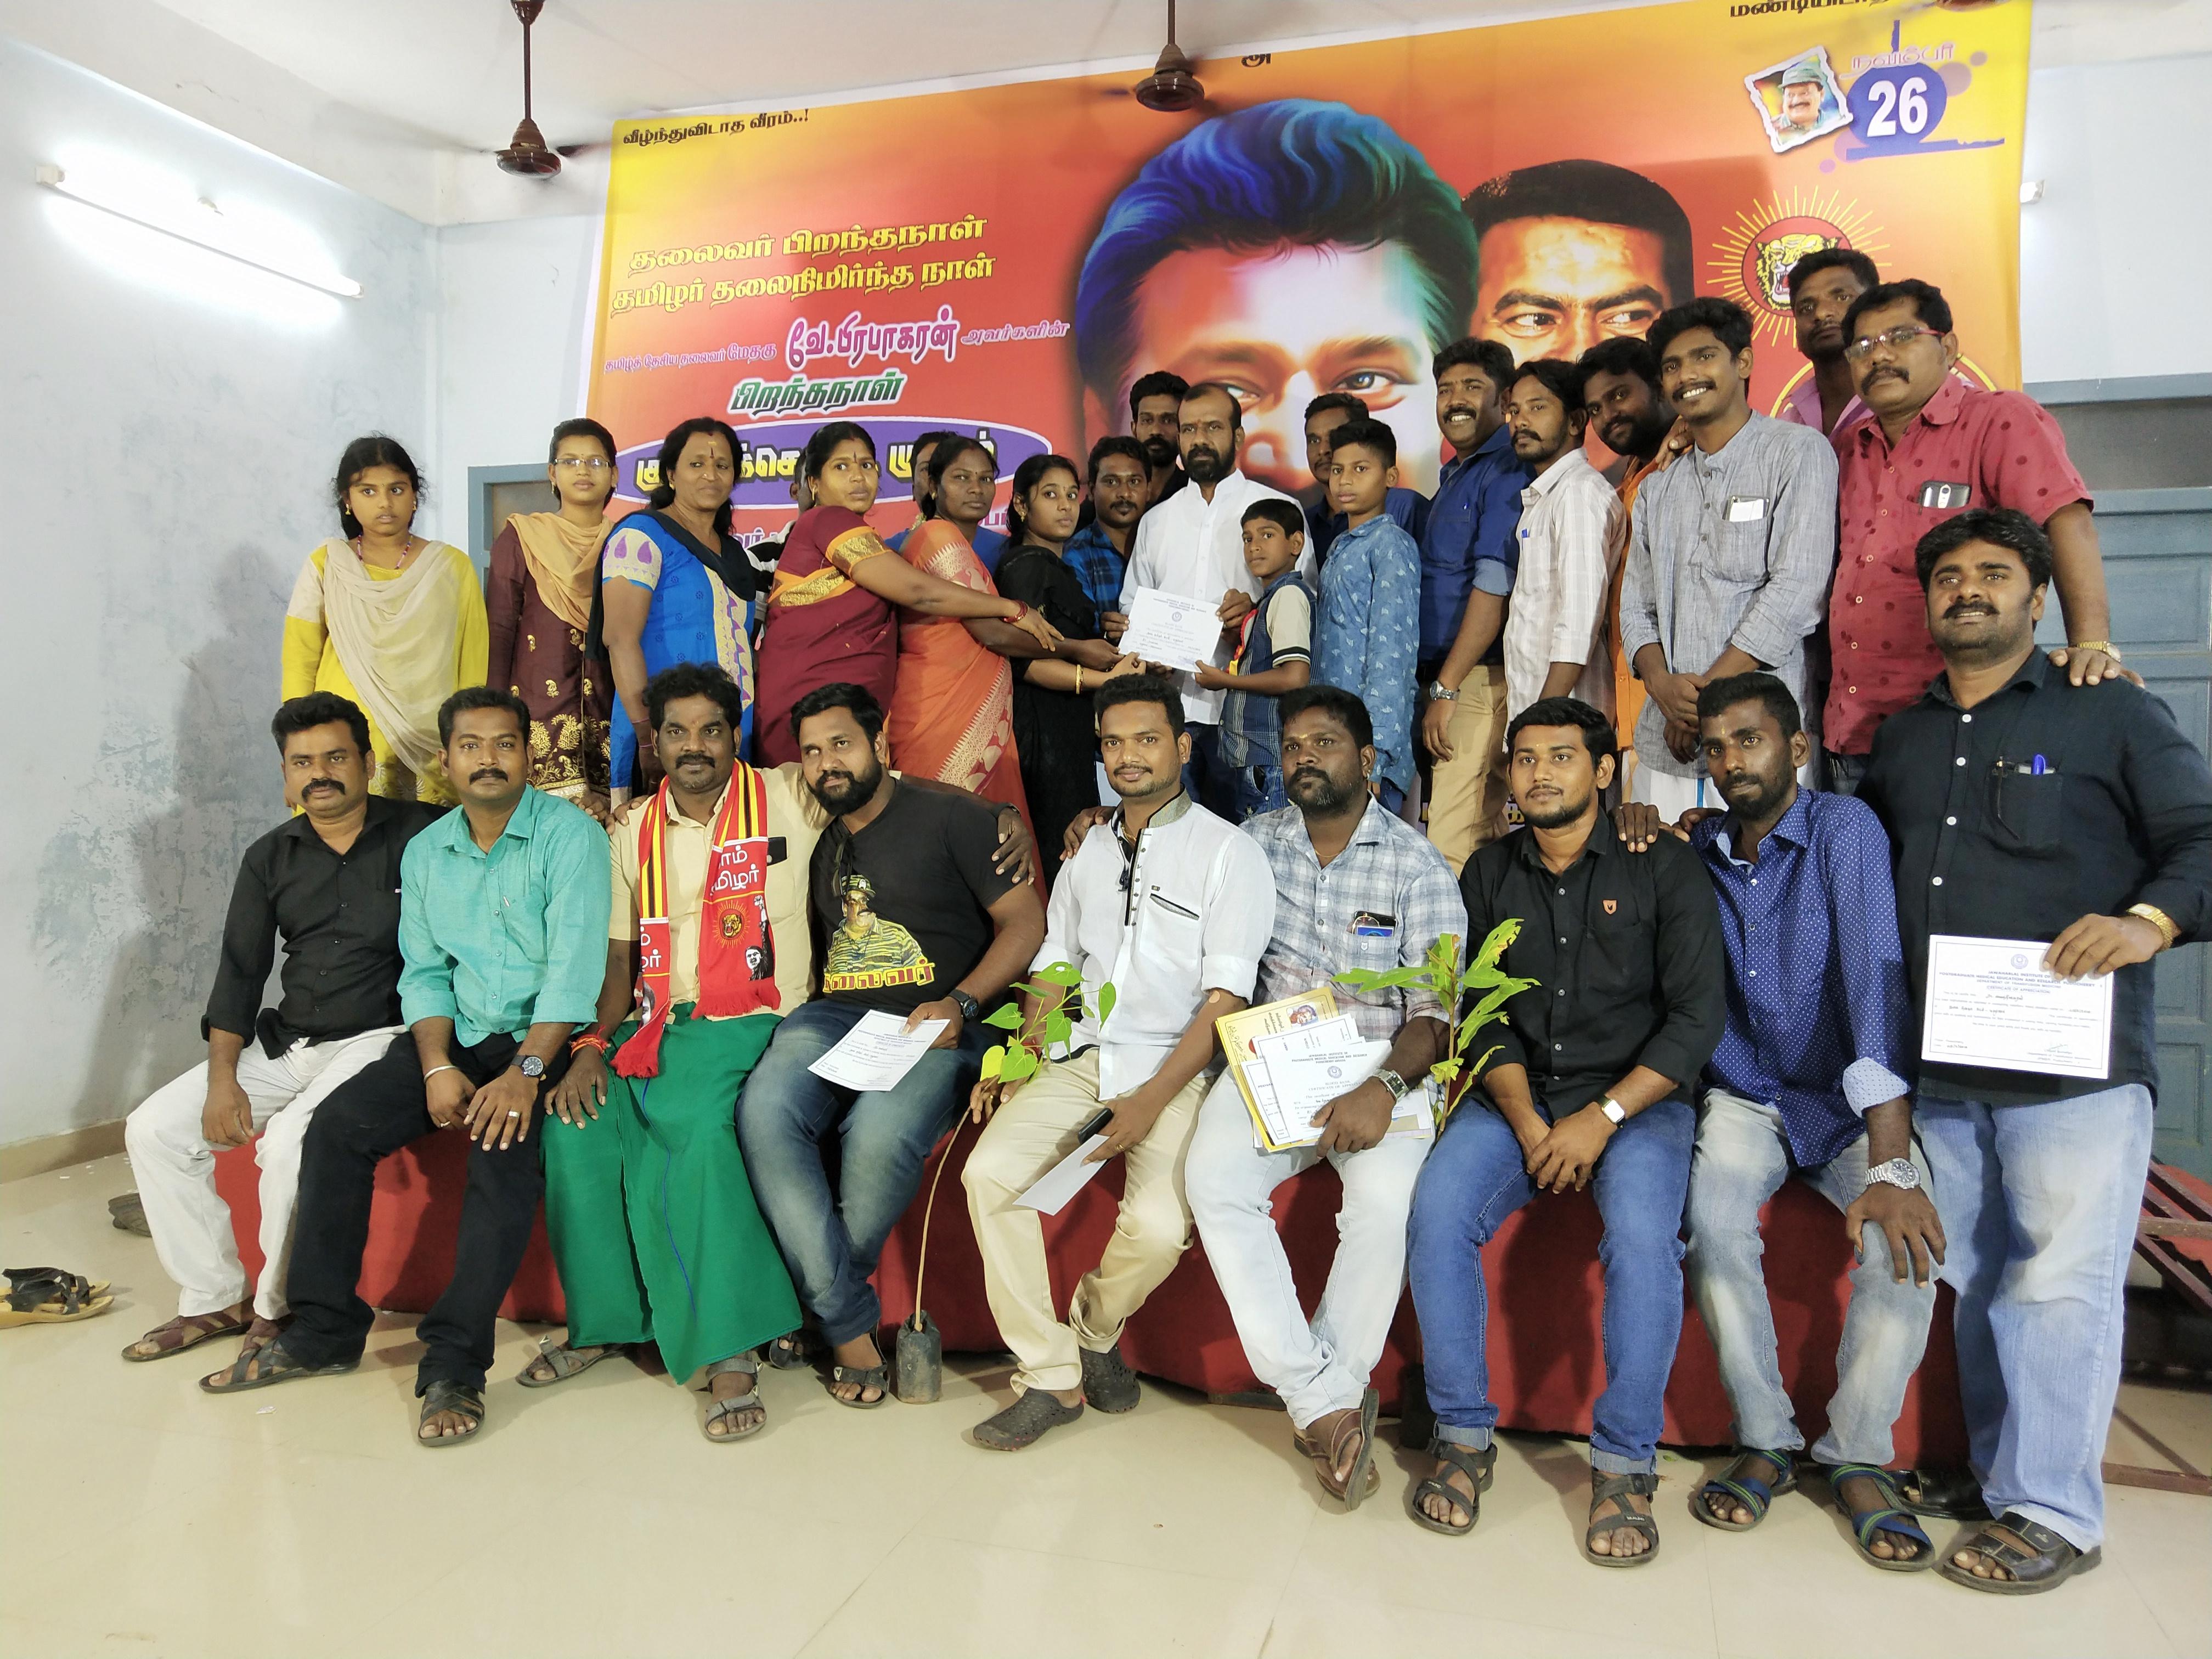 தலைவர் மேதகு வே பிரபாகரன் பிறந்த நாள்-குருதிக் கொடை முகாம்